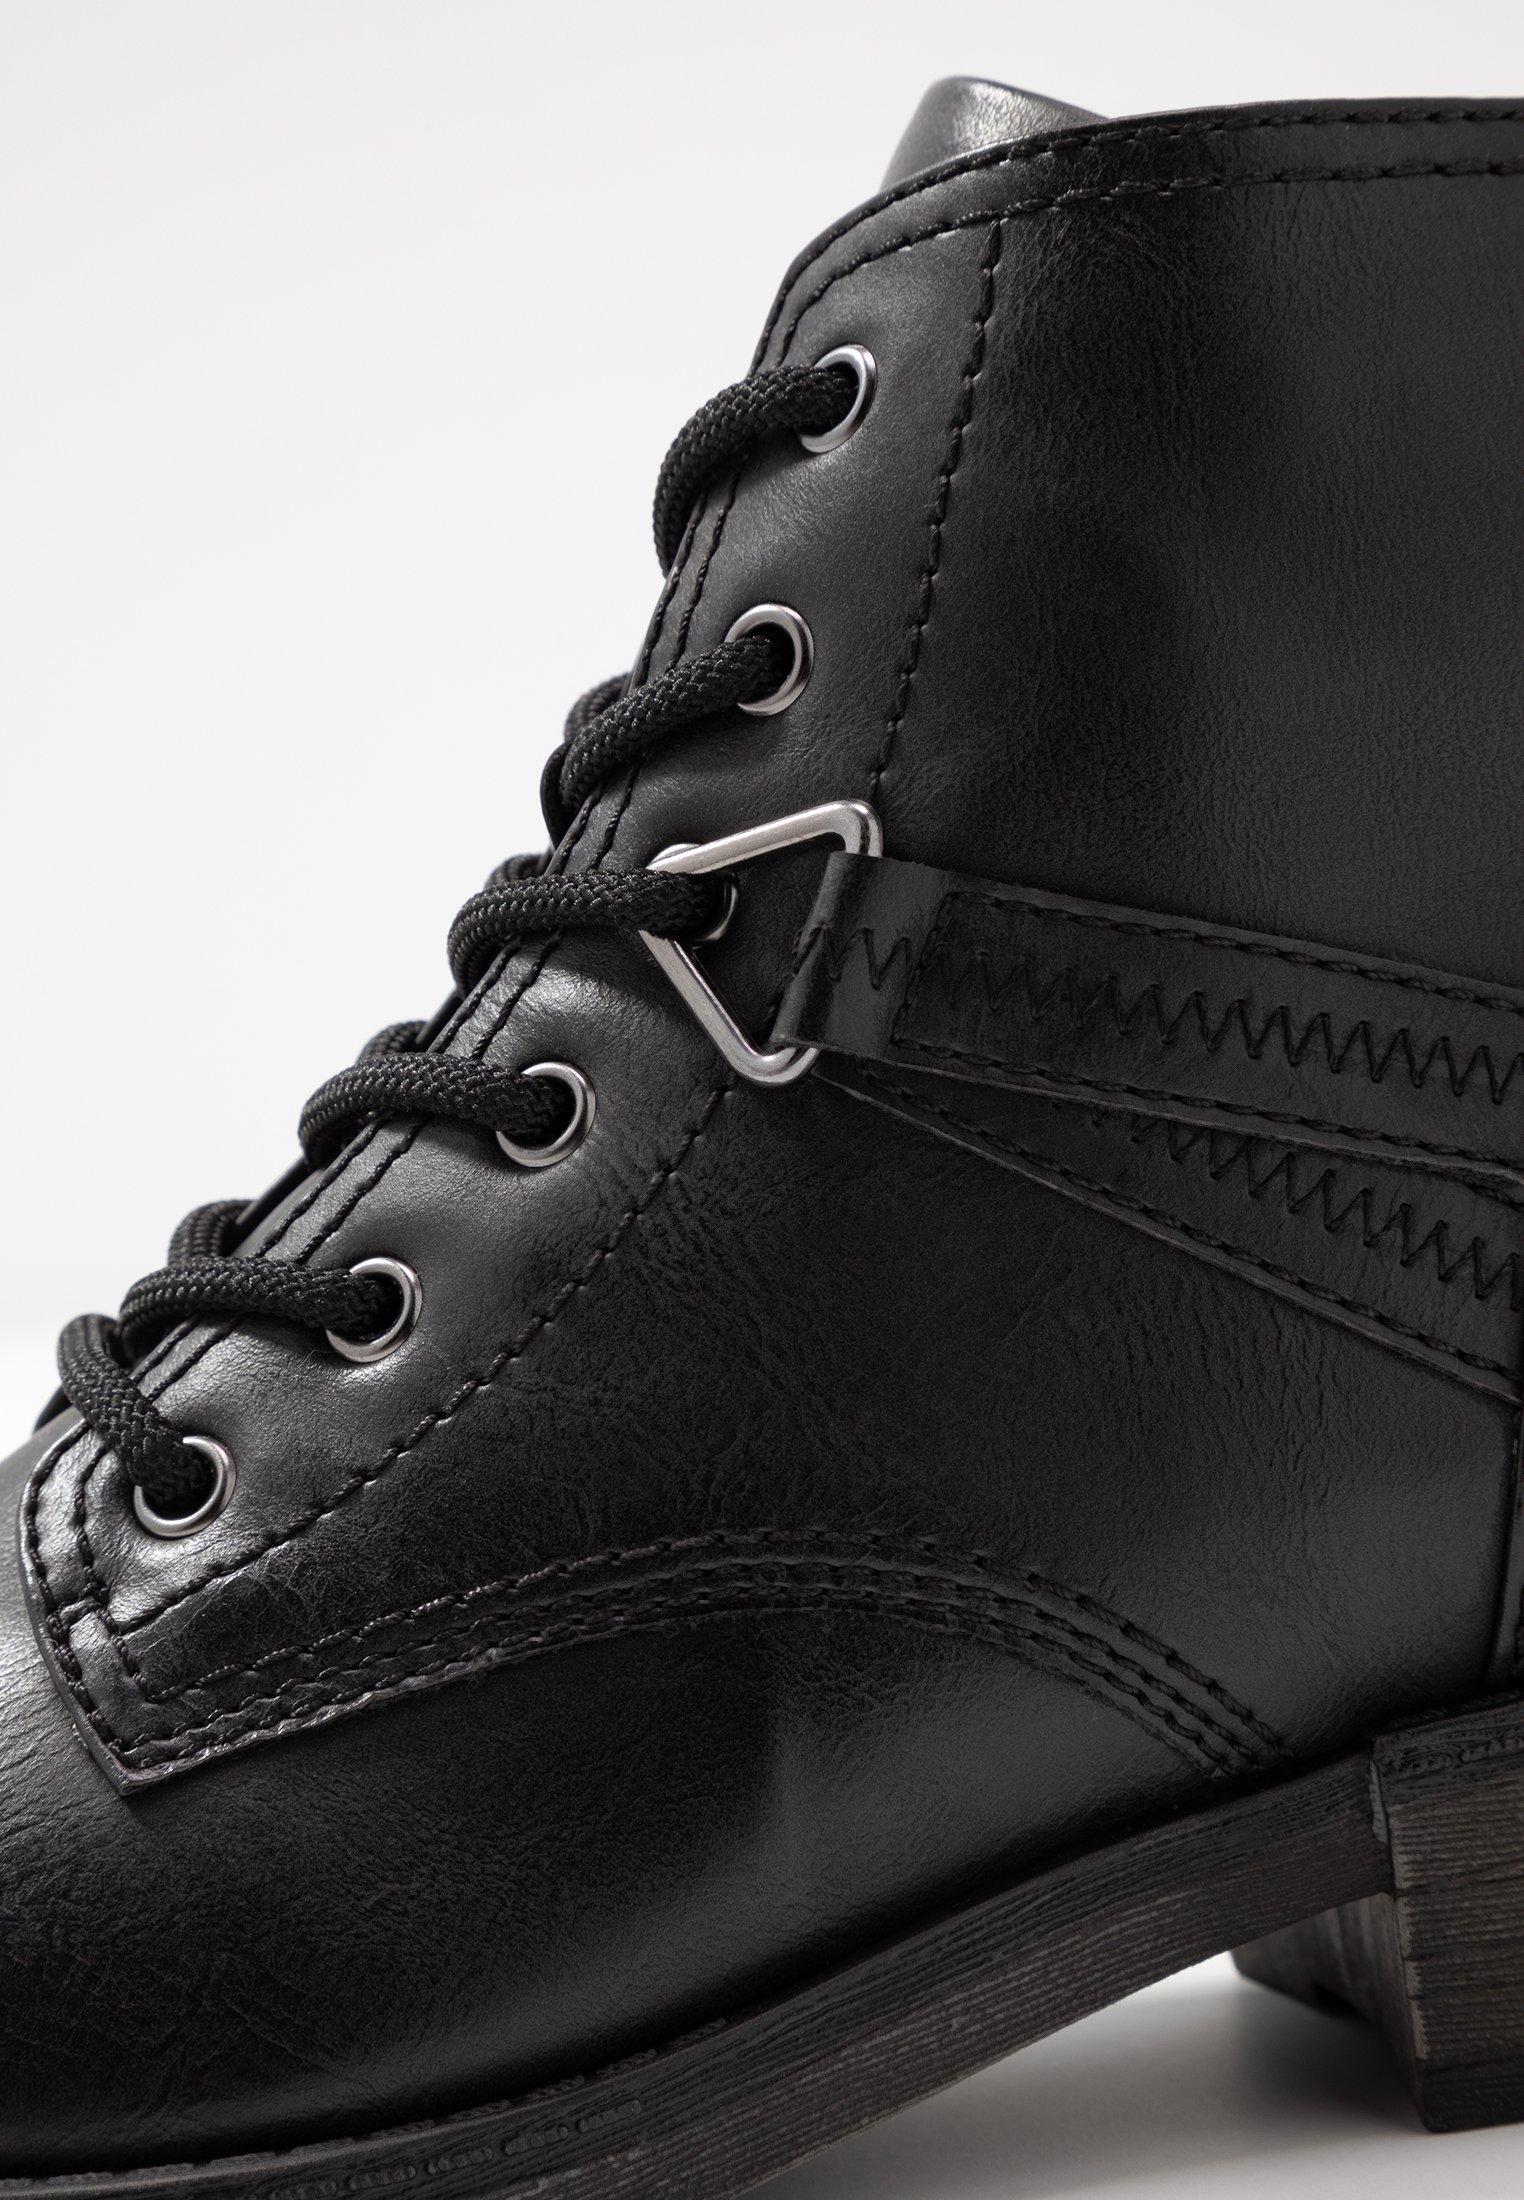 À TalonsBlack Boots À Boots TalonsBlack Tamaris Tamaris OPXuiTkZw